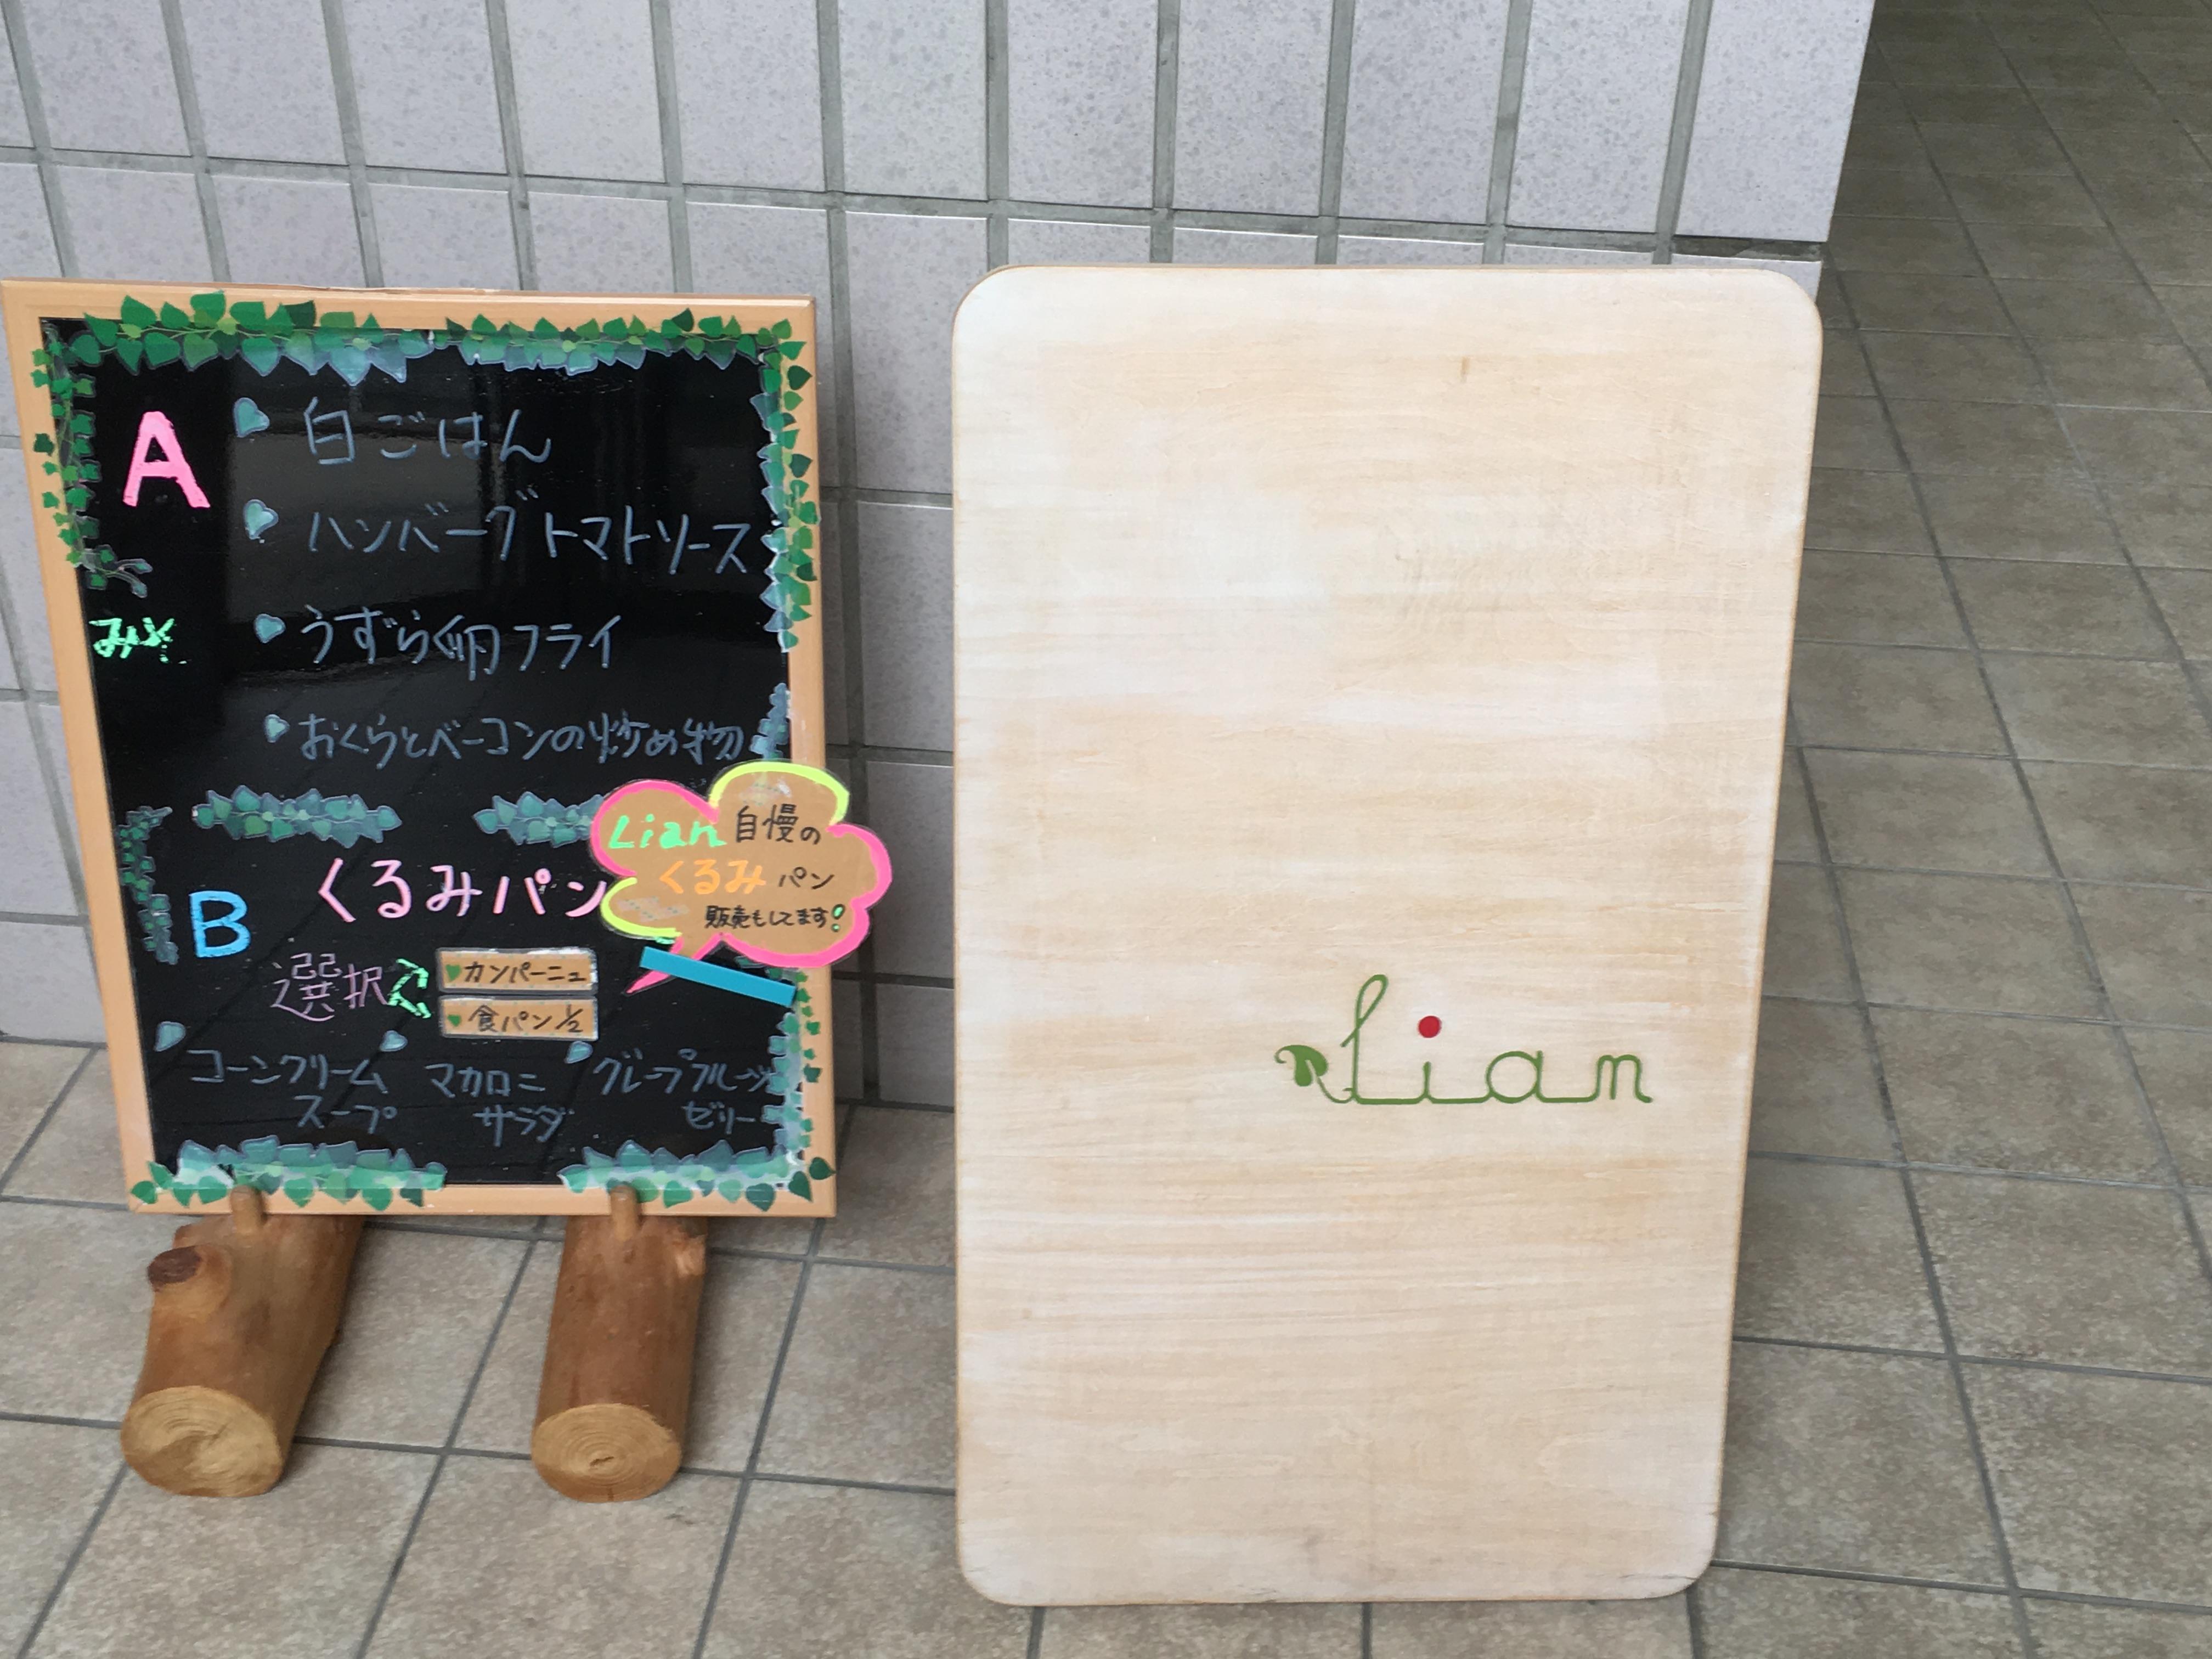 健康的なメニューが魅力!新居浜市福祉センター1階にある「Lian」(リアン)で「ワンプレートBランチ」を食べてきました!